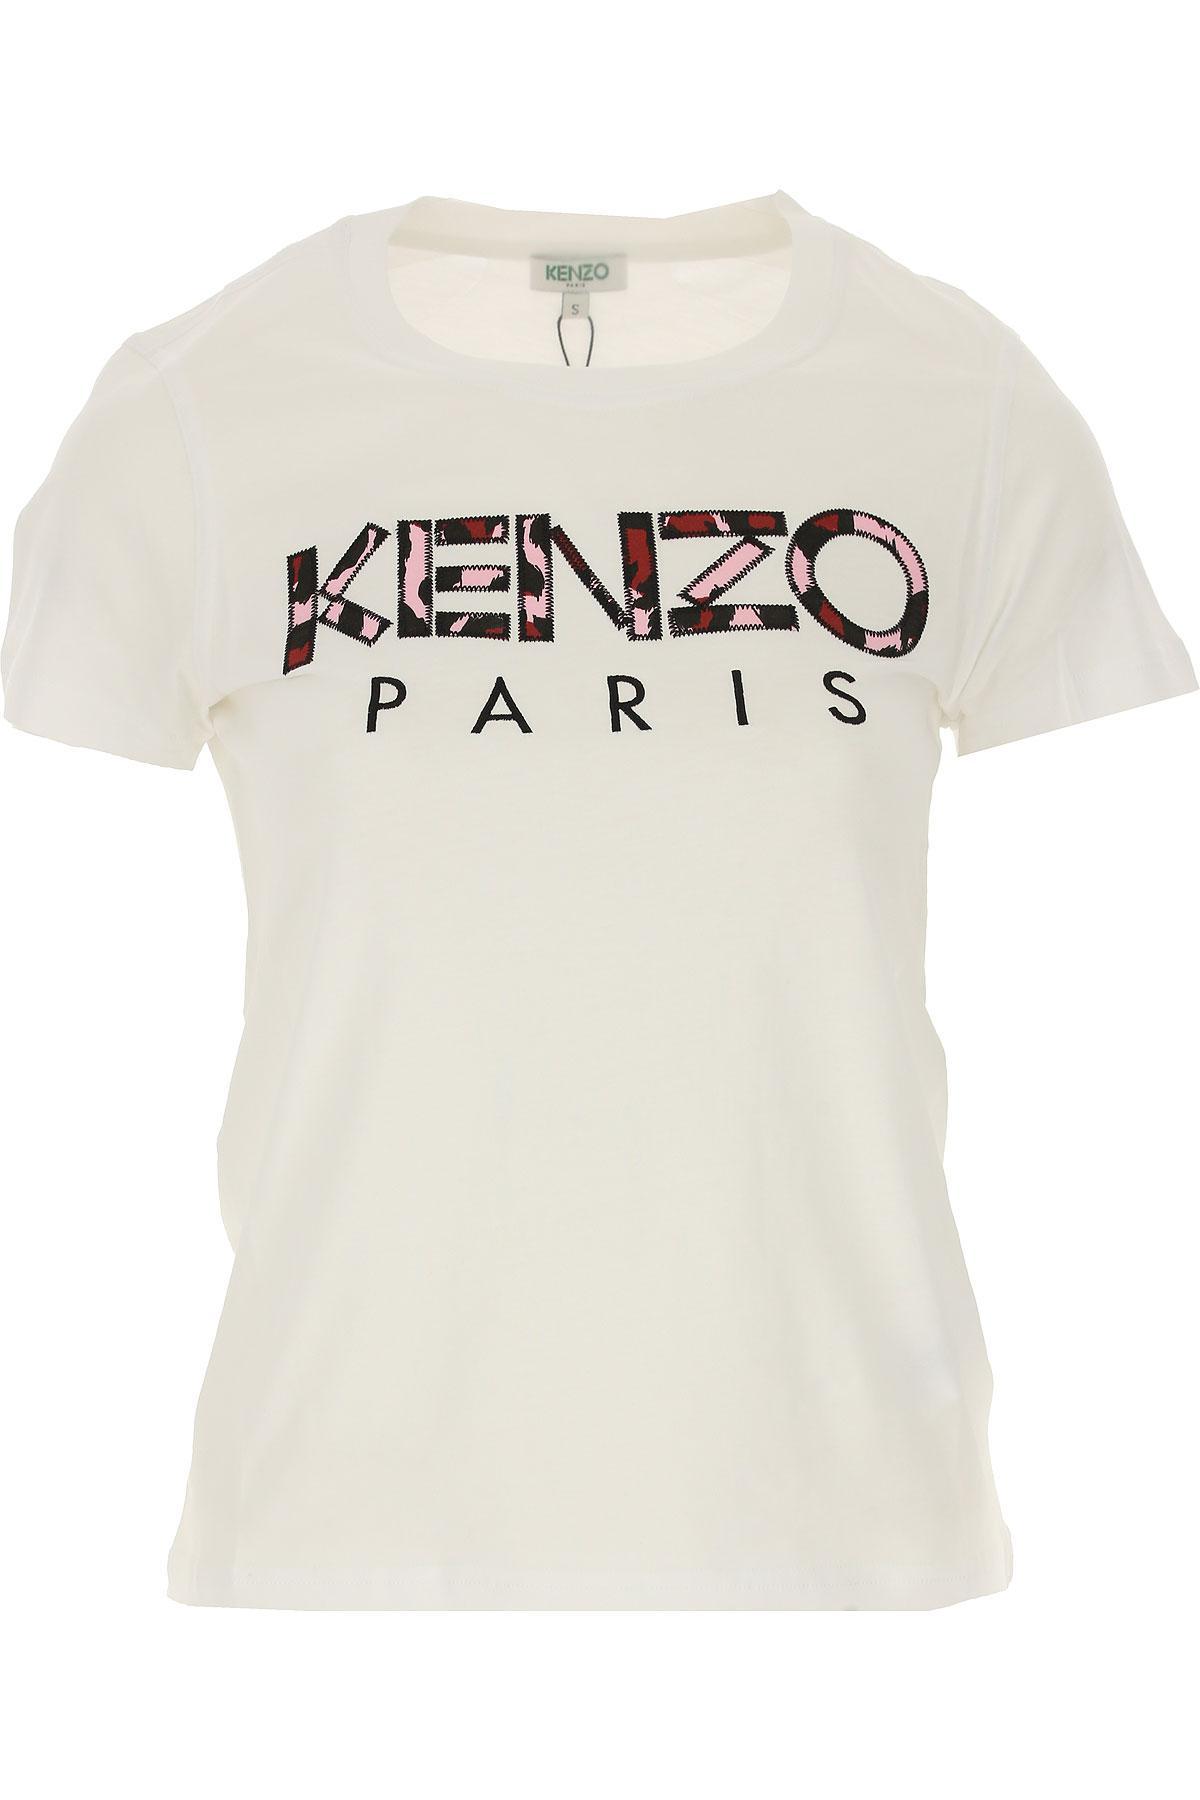 Lyst - Pull Femme Pas cher en Soldes Kenzo en coloris Blanc ... 31b3b0d637a